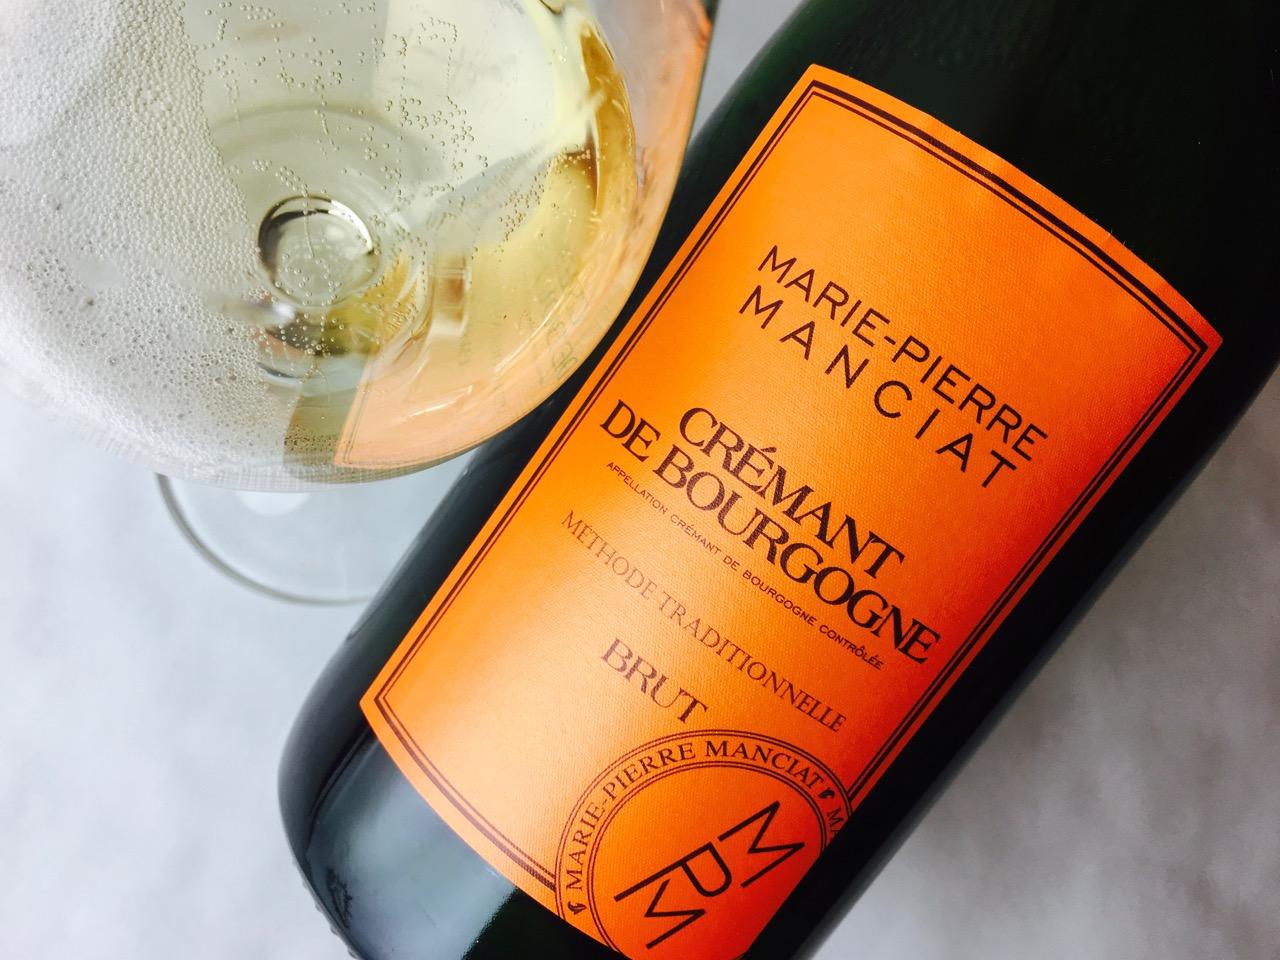 NV Marie-Pierre Manciat Crémant de Bourgogne Brut